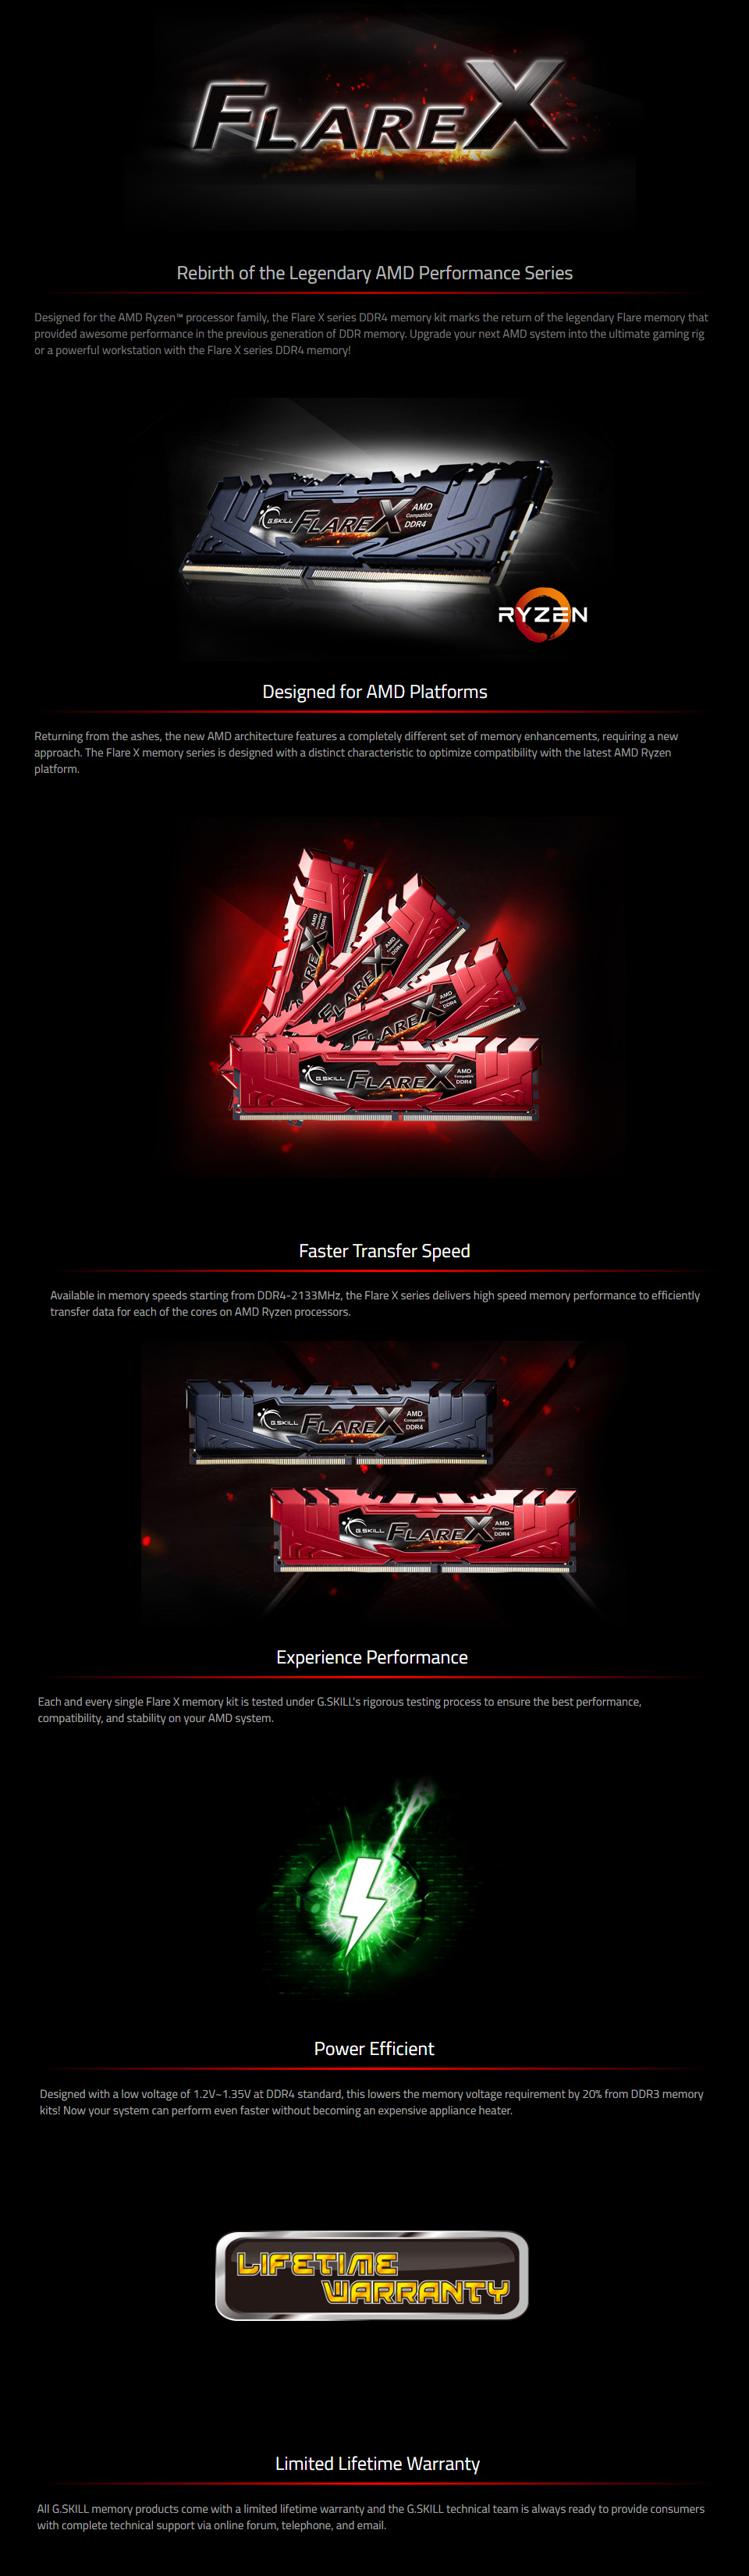 G Skill Flare F4-3200C16D-16GFX (2x8GB) Ryzen DDR4